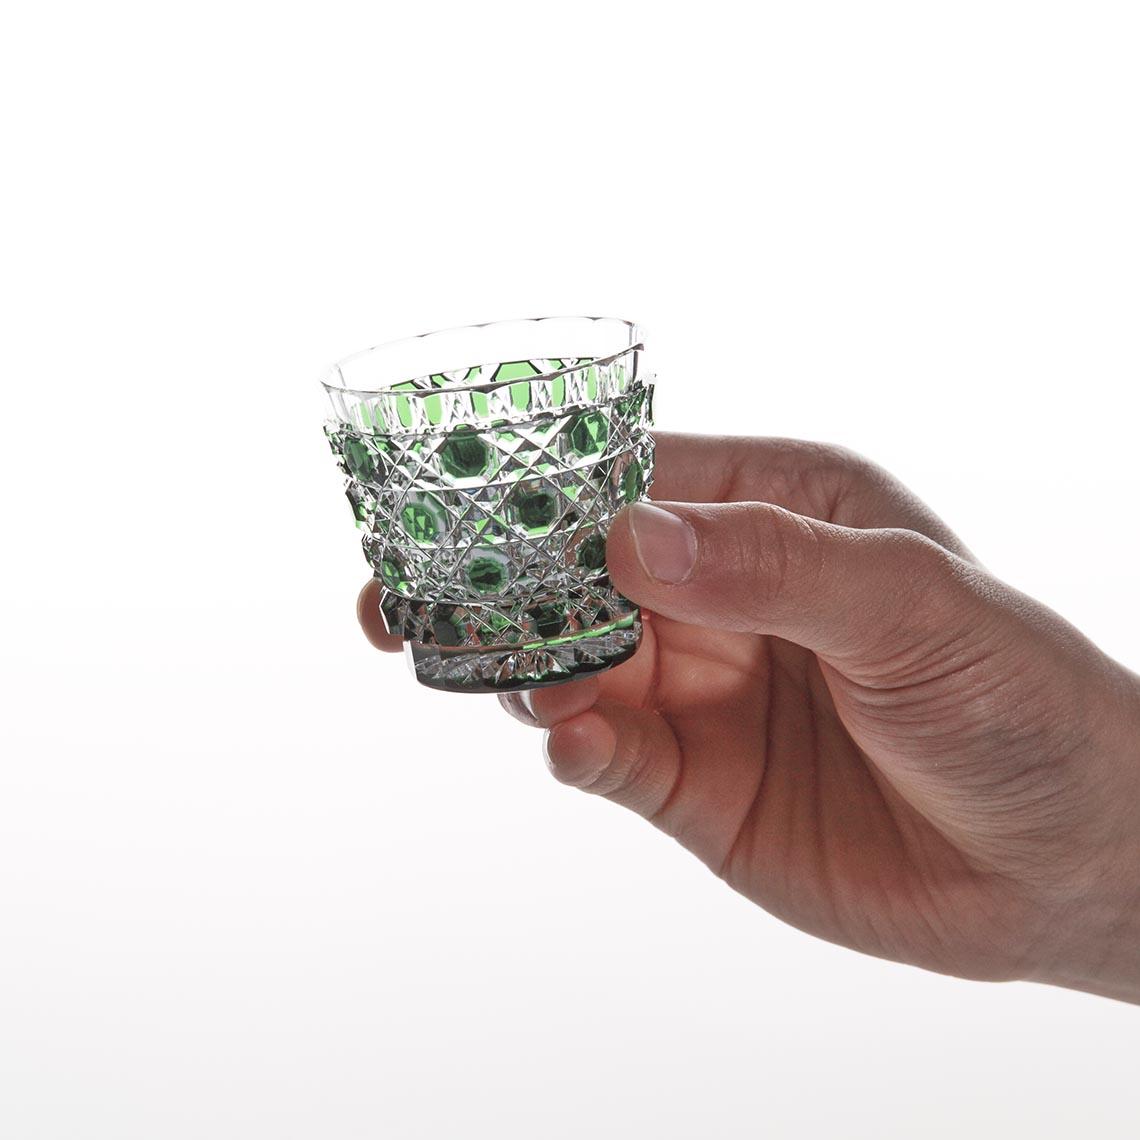 緑被籠目文切立盃 (みどりぎせ かごめもん きったてはい)